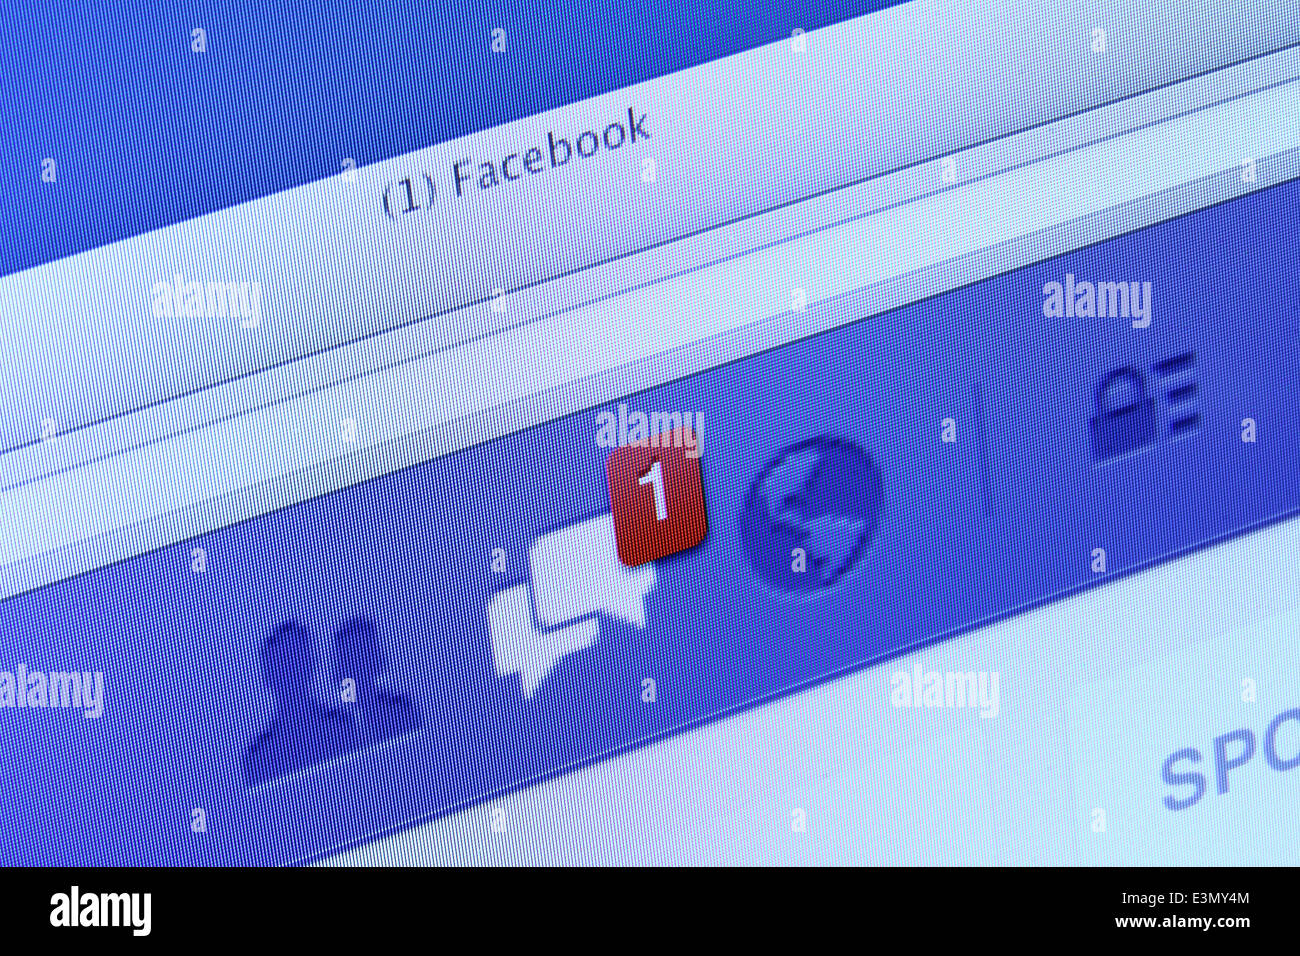 Les notifications Facebook et le message sur l'écran d'ordinateur. Facebook est le plus grand réseau Photo Stock